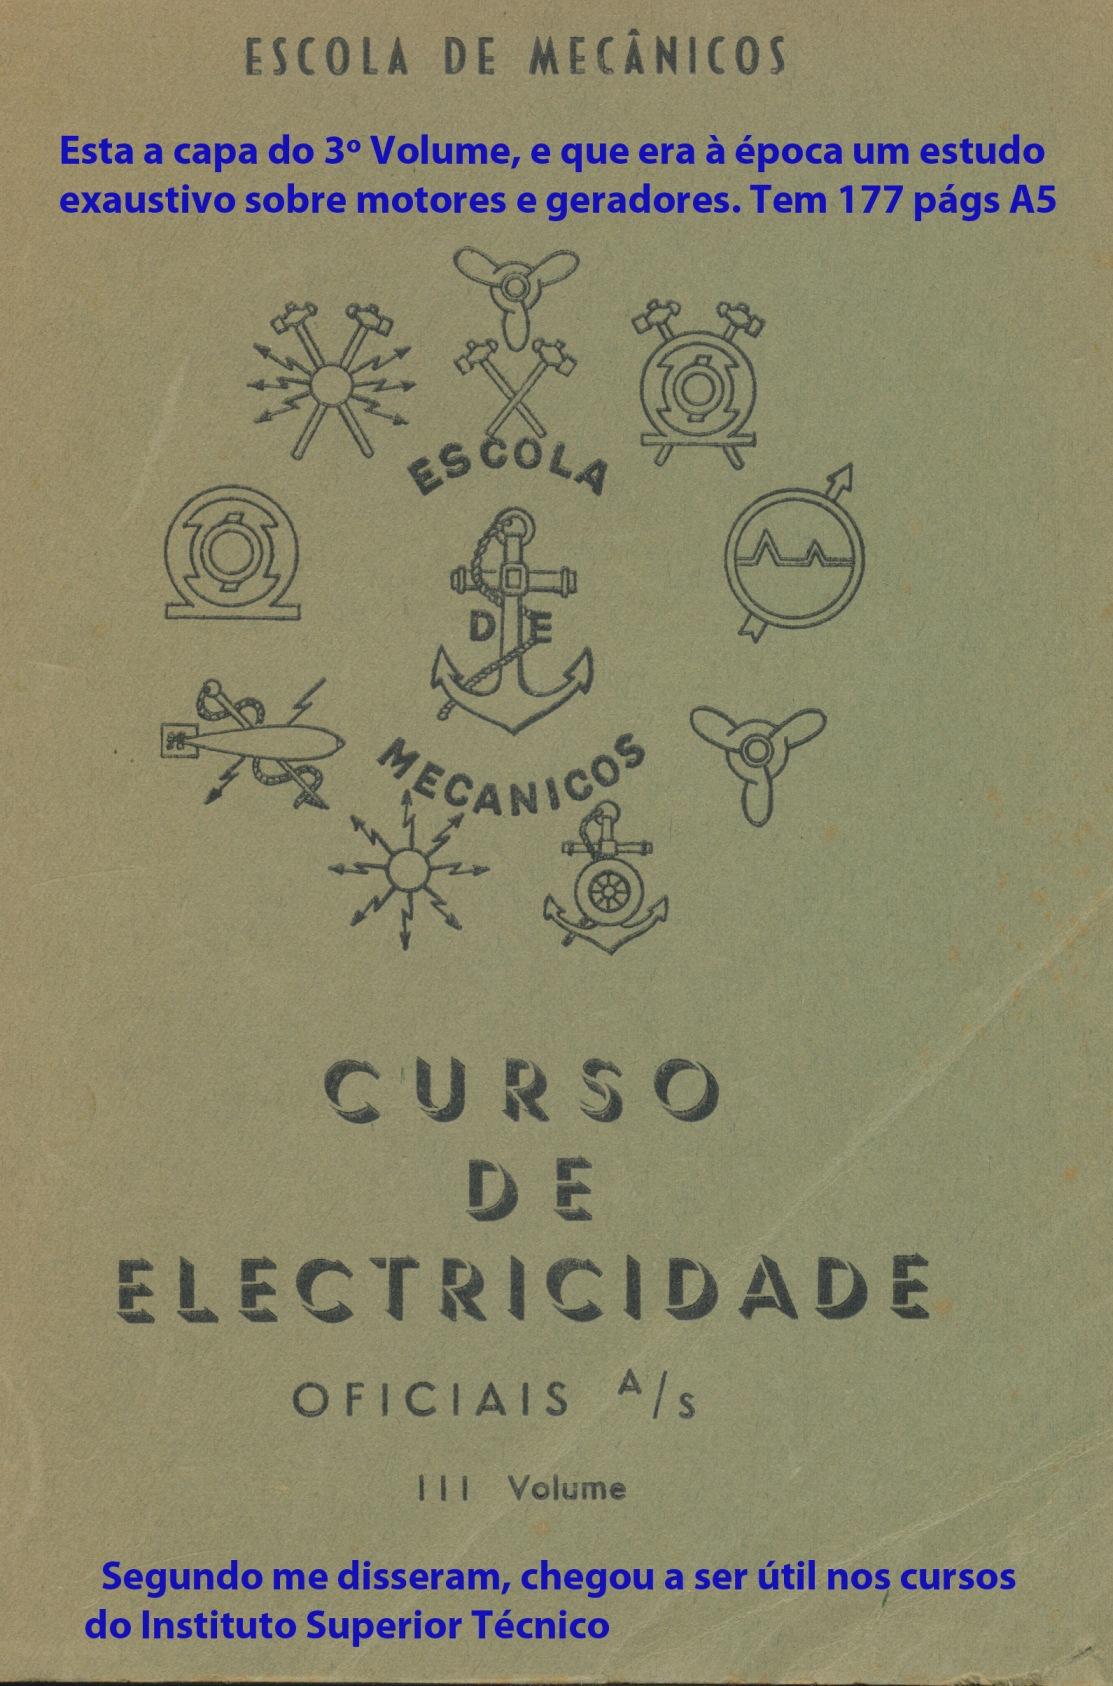 00250 952 Curso de Electricidade para oficiais AS Vol 3 - capa